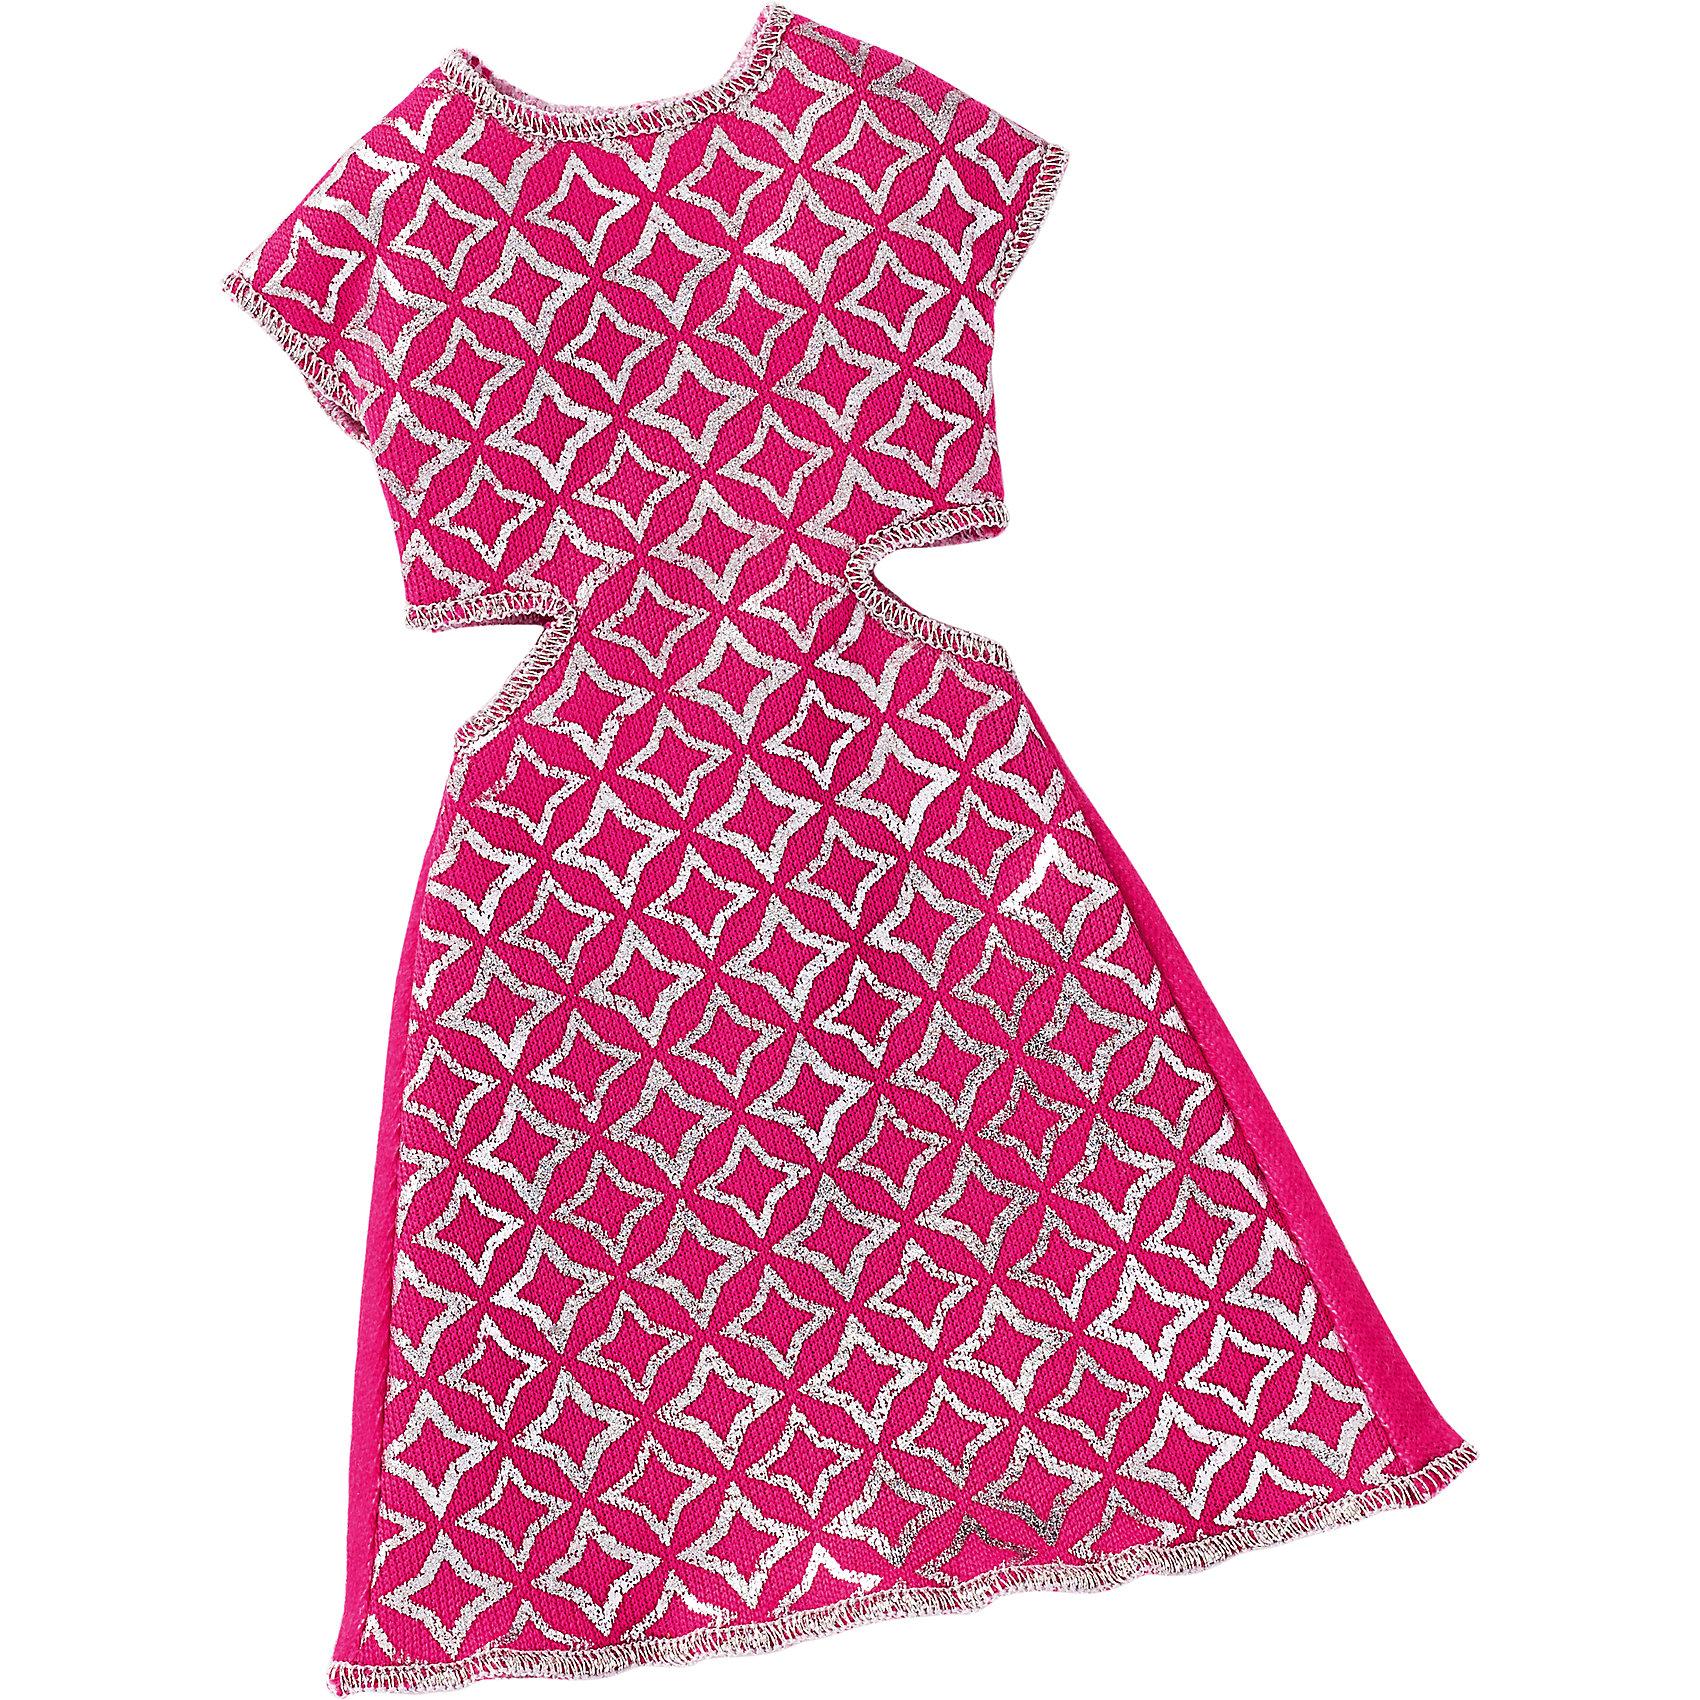 Универсальное платье для куклы (для всех типов фигур), BarbieBarbie<br>Характеристики товара:<br><br>• цвет: розовый<br>• комплектация: 1 платье<br>• материал: текстиль<br>• ткань с принтом<br>• качественная обработка швов<br>• универсальное: для всех типов фигур<br>• возраст: от трех лет<br>• страна бренда: США<br><br>Это платье порадует маленьких любительниц кукол Barbie. Оно поможет создать новый образ своей кукле. Платье отлично сидит на разных модификациях Барби, оно прекрасно обработано! Такой наряд станет желанным подарком для девочек, которые следят за модными тенденциями.<br><br>Игры с куклами помогают развить у девочек вкус и чувство стиля, отработать сценарии поведения в обществе, развить воображение и мелкую моторику. Барби от бренда Mattel не перестает быть популярной! <br><br>Универсальное платье для куклы (для всех типов фигур), Barbie, от компании Mattel можно купить в нашем интернет-магазине.<br><br>Ширина мм: 155<br>Глубина мм: 83<br>Высота мм: 15<br>Вес г: 11<br>Возраст от месяцев: 36<br>Возраст до месяцев: 72<br>Пол: Женский<br>Возраст: Детский<br>SKU: 5389690